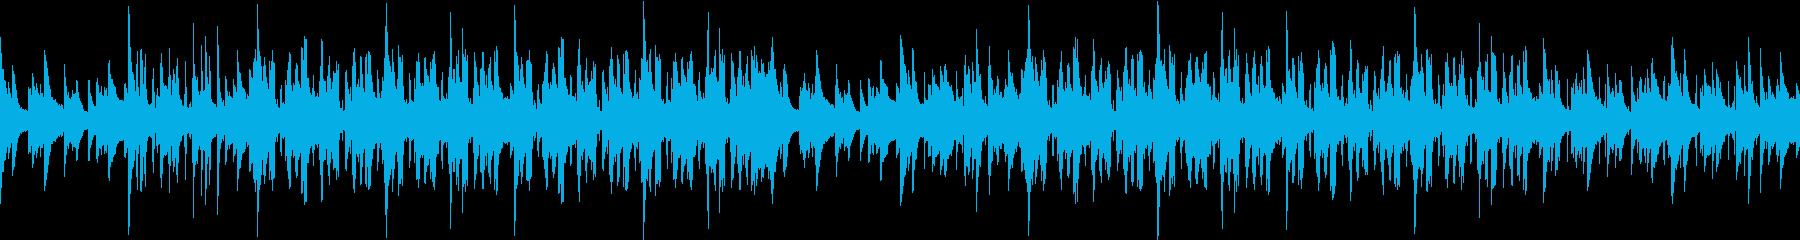 エンディング・感動的・壮大・ピアノの再生済みの波形